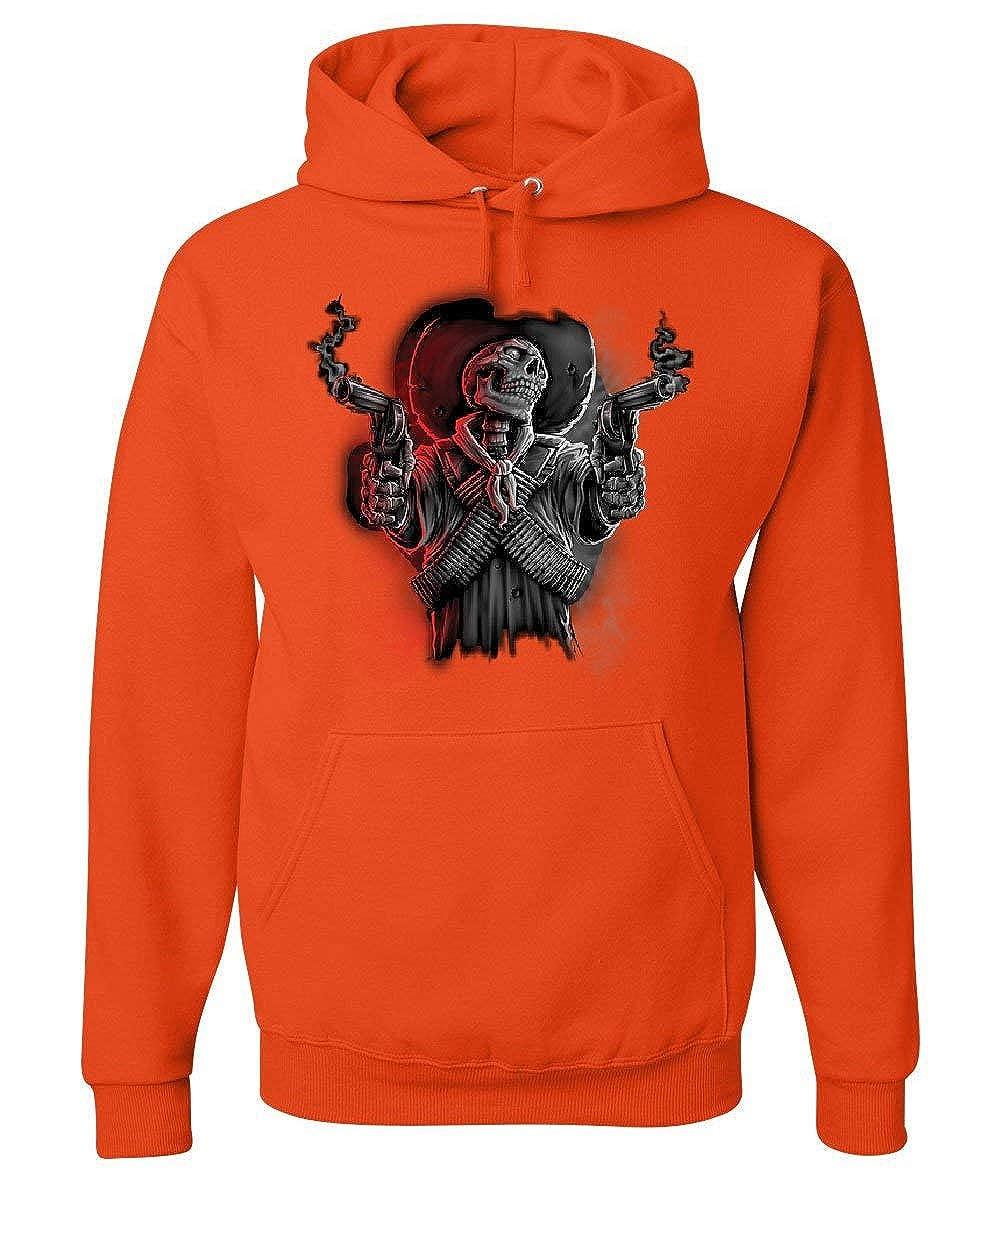 Tee Hunt Skeleton Bandit Hoodie Death Sheriff Wild West Revolvers Cowboy Sweatshirt